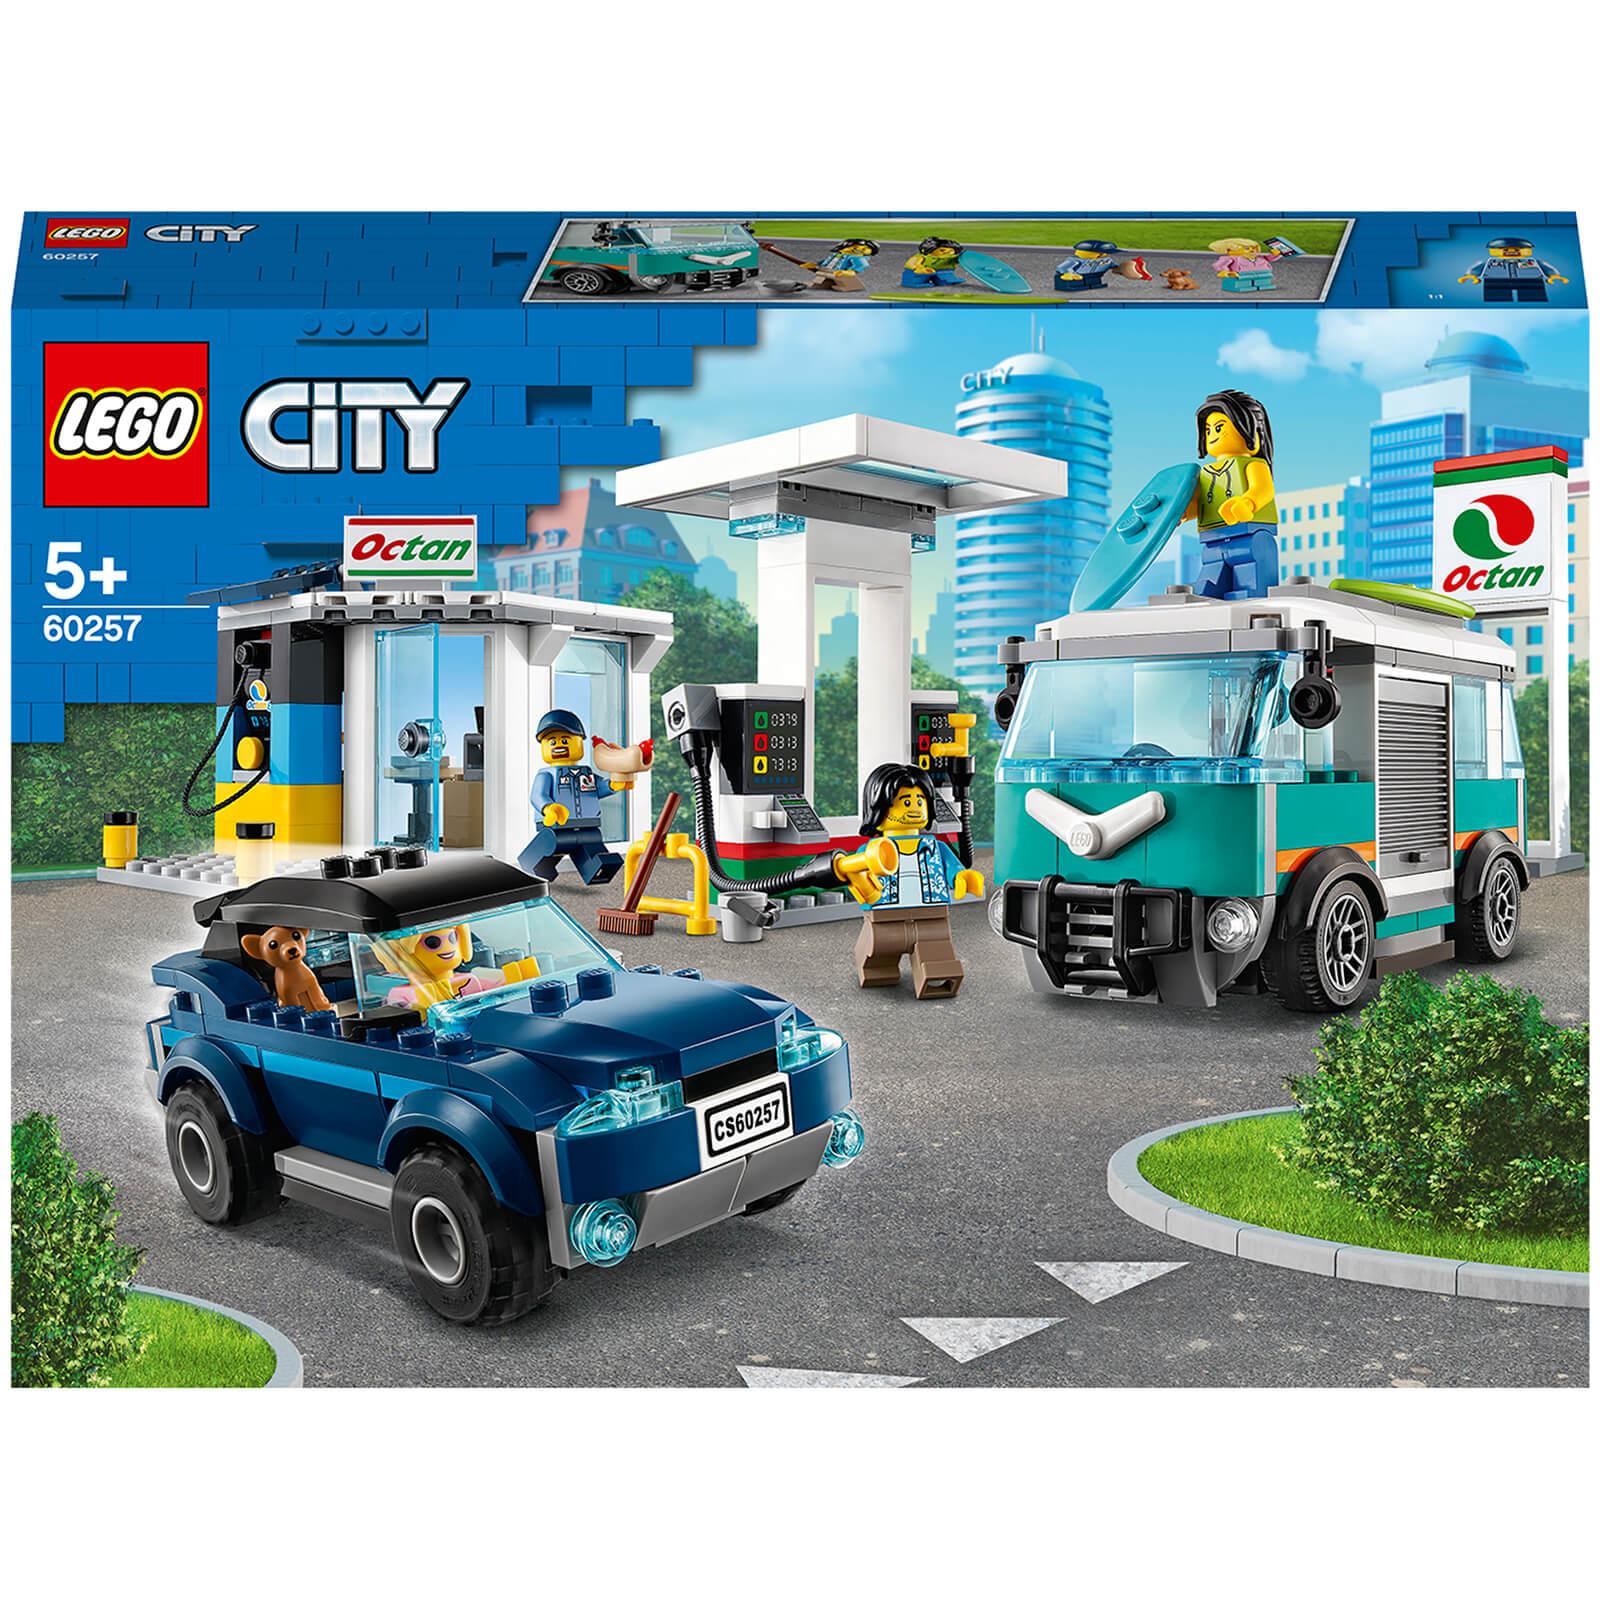 Image of LEGO City: Nitro Wheels Service Station Building Set (60257)